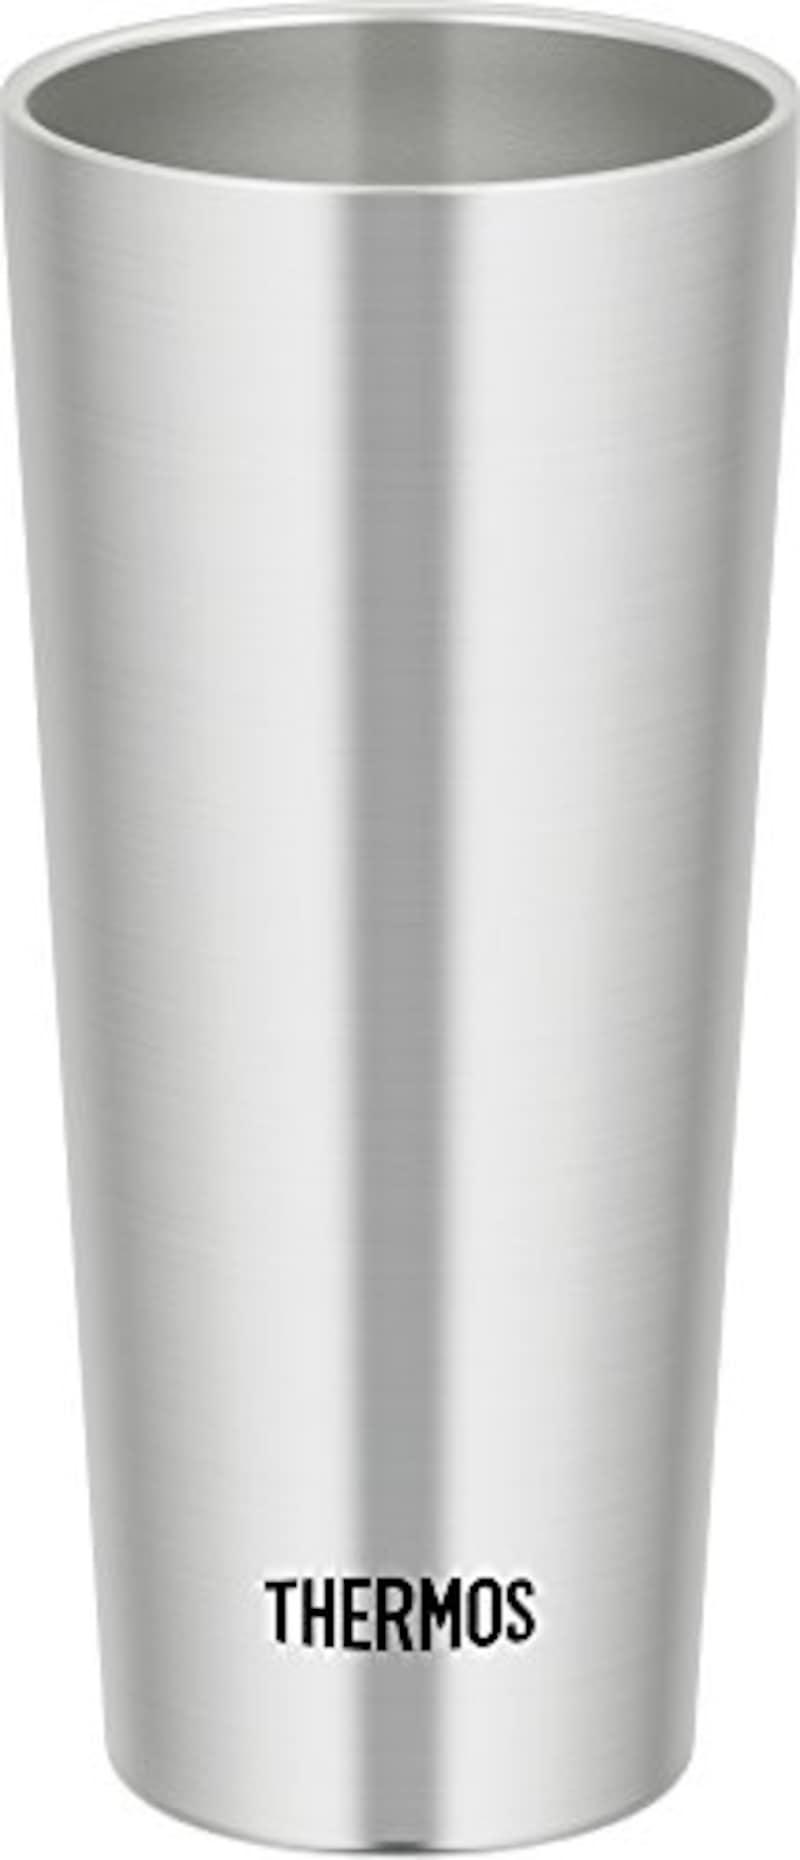 THERMOS(サーモス),真空断熱タンブラー ステンレス,JDI-400